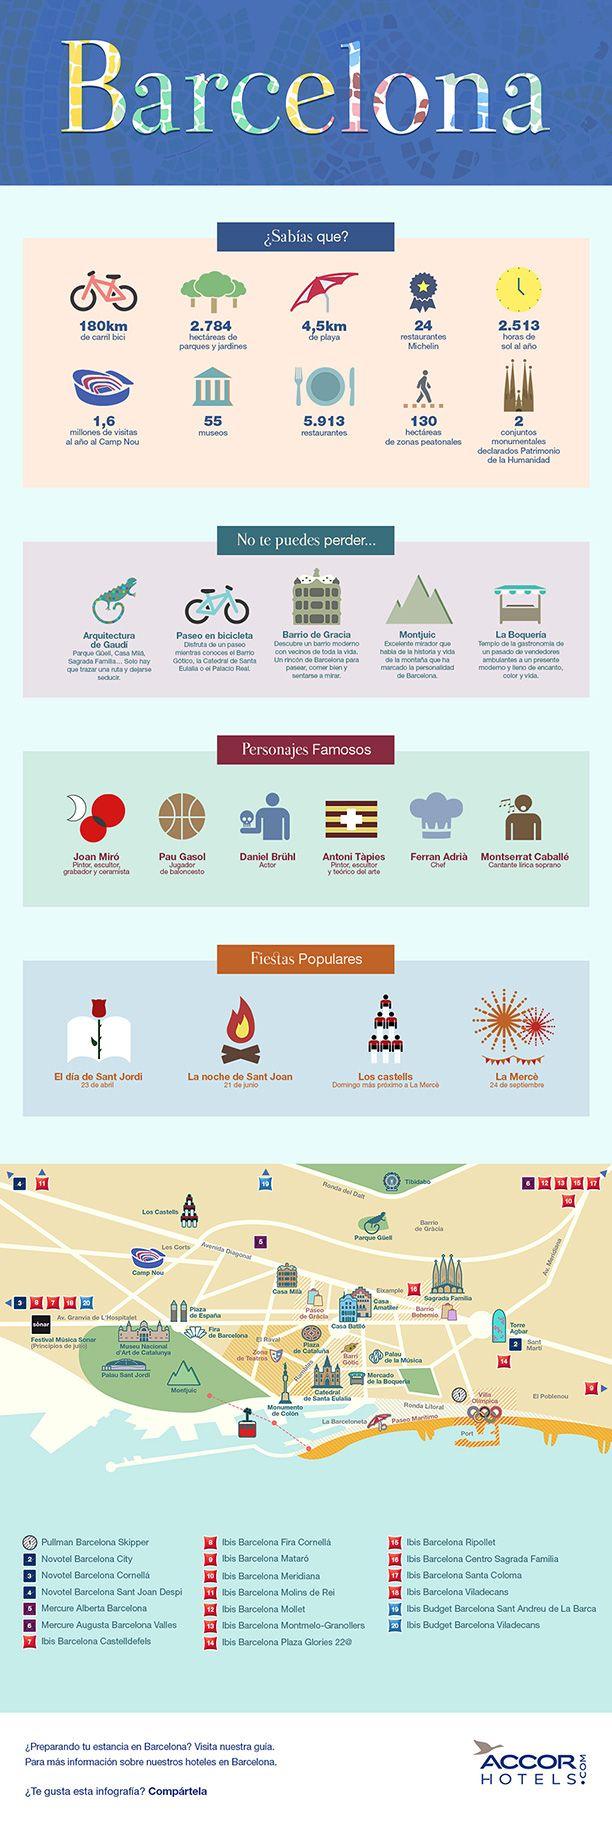 Infografía de Barcelona por Accorhotels